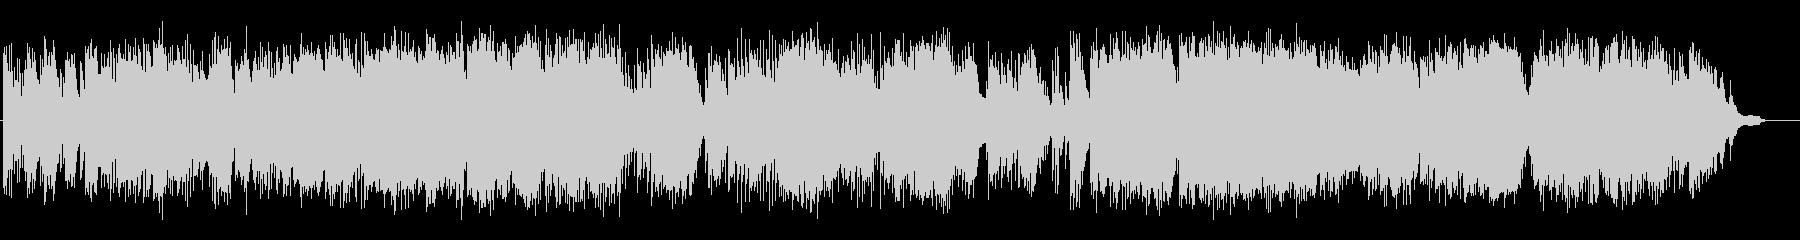 ピアノソロ即興演奏の未再生の波形